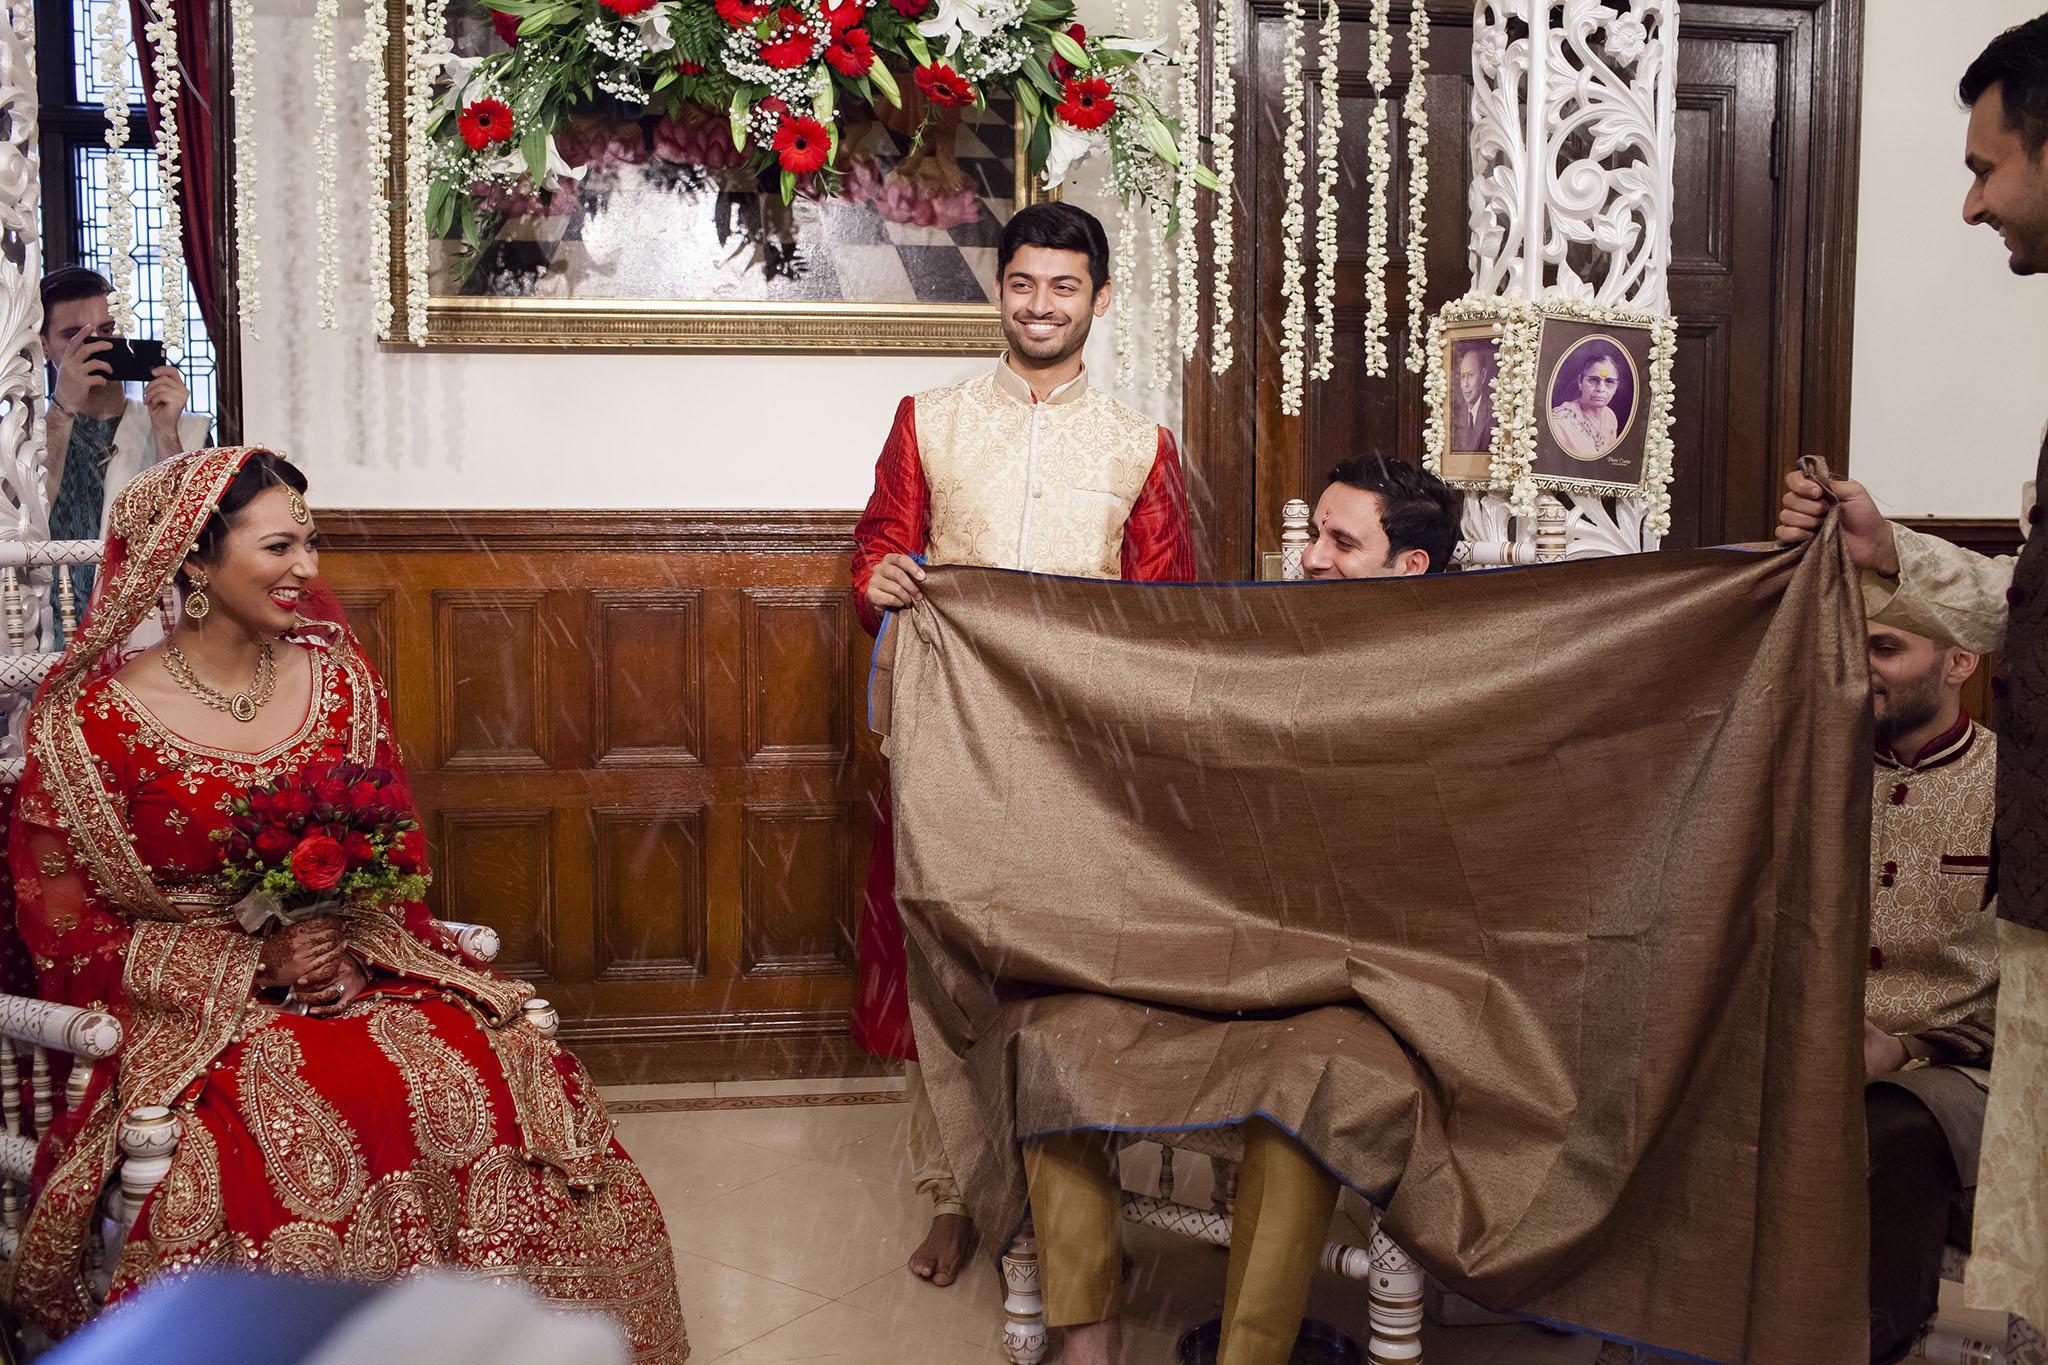 elizabethgphotography_kingslangley_hertfordshire_fineart_indian_wedding_photography_bhavesh_kundalata_bhaktivedanta_manor_watford_jpg14.jpg